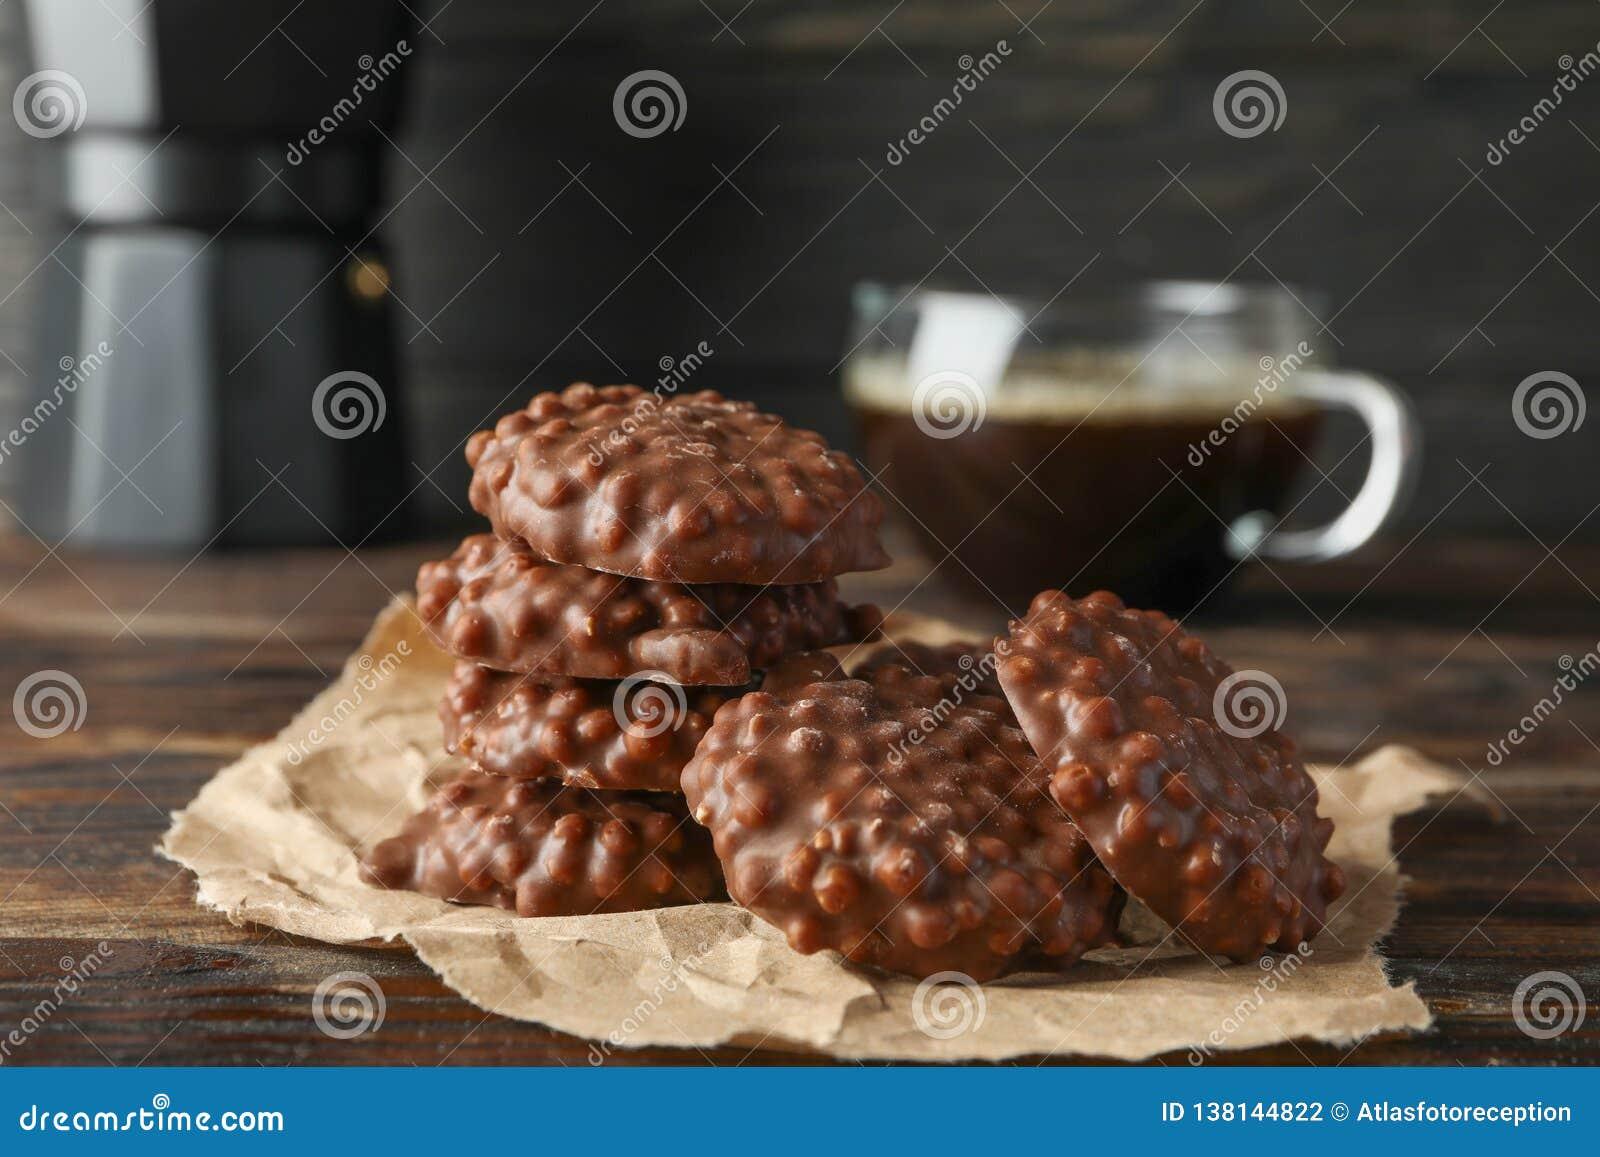 与咖啡的鲜美巧克力饼干在木桌上的